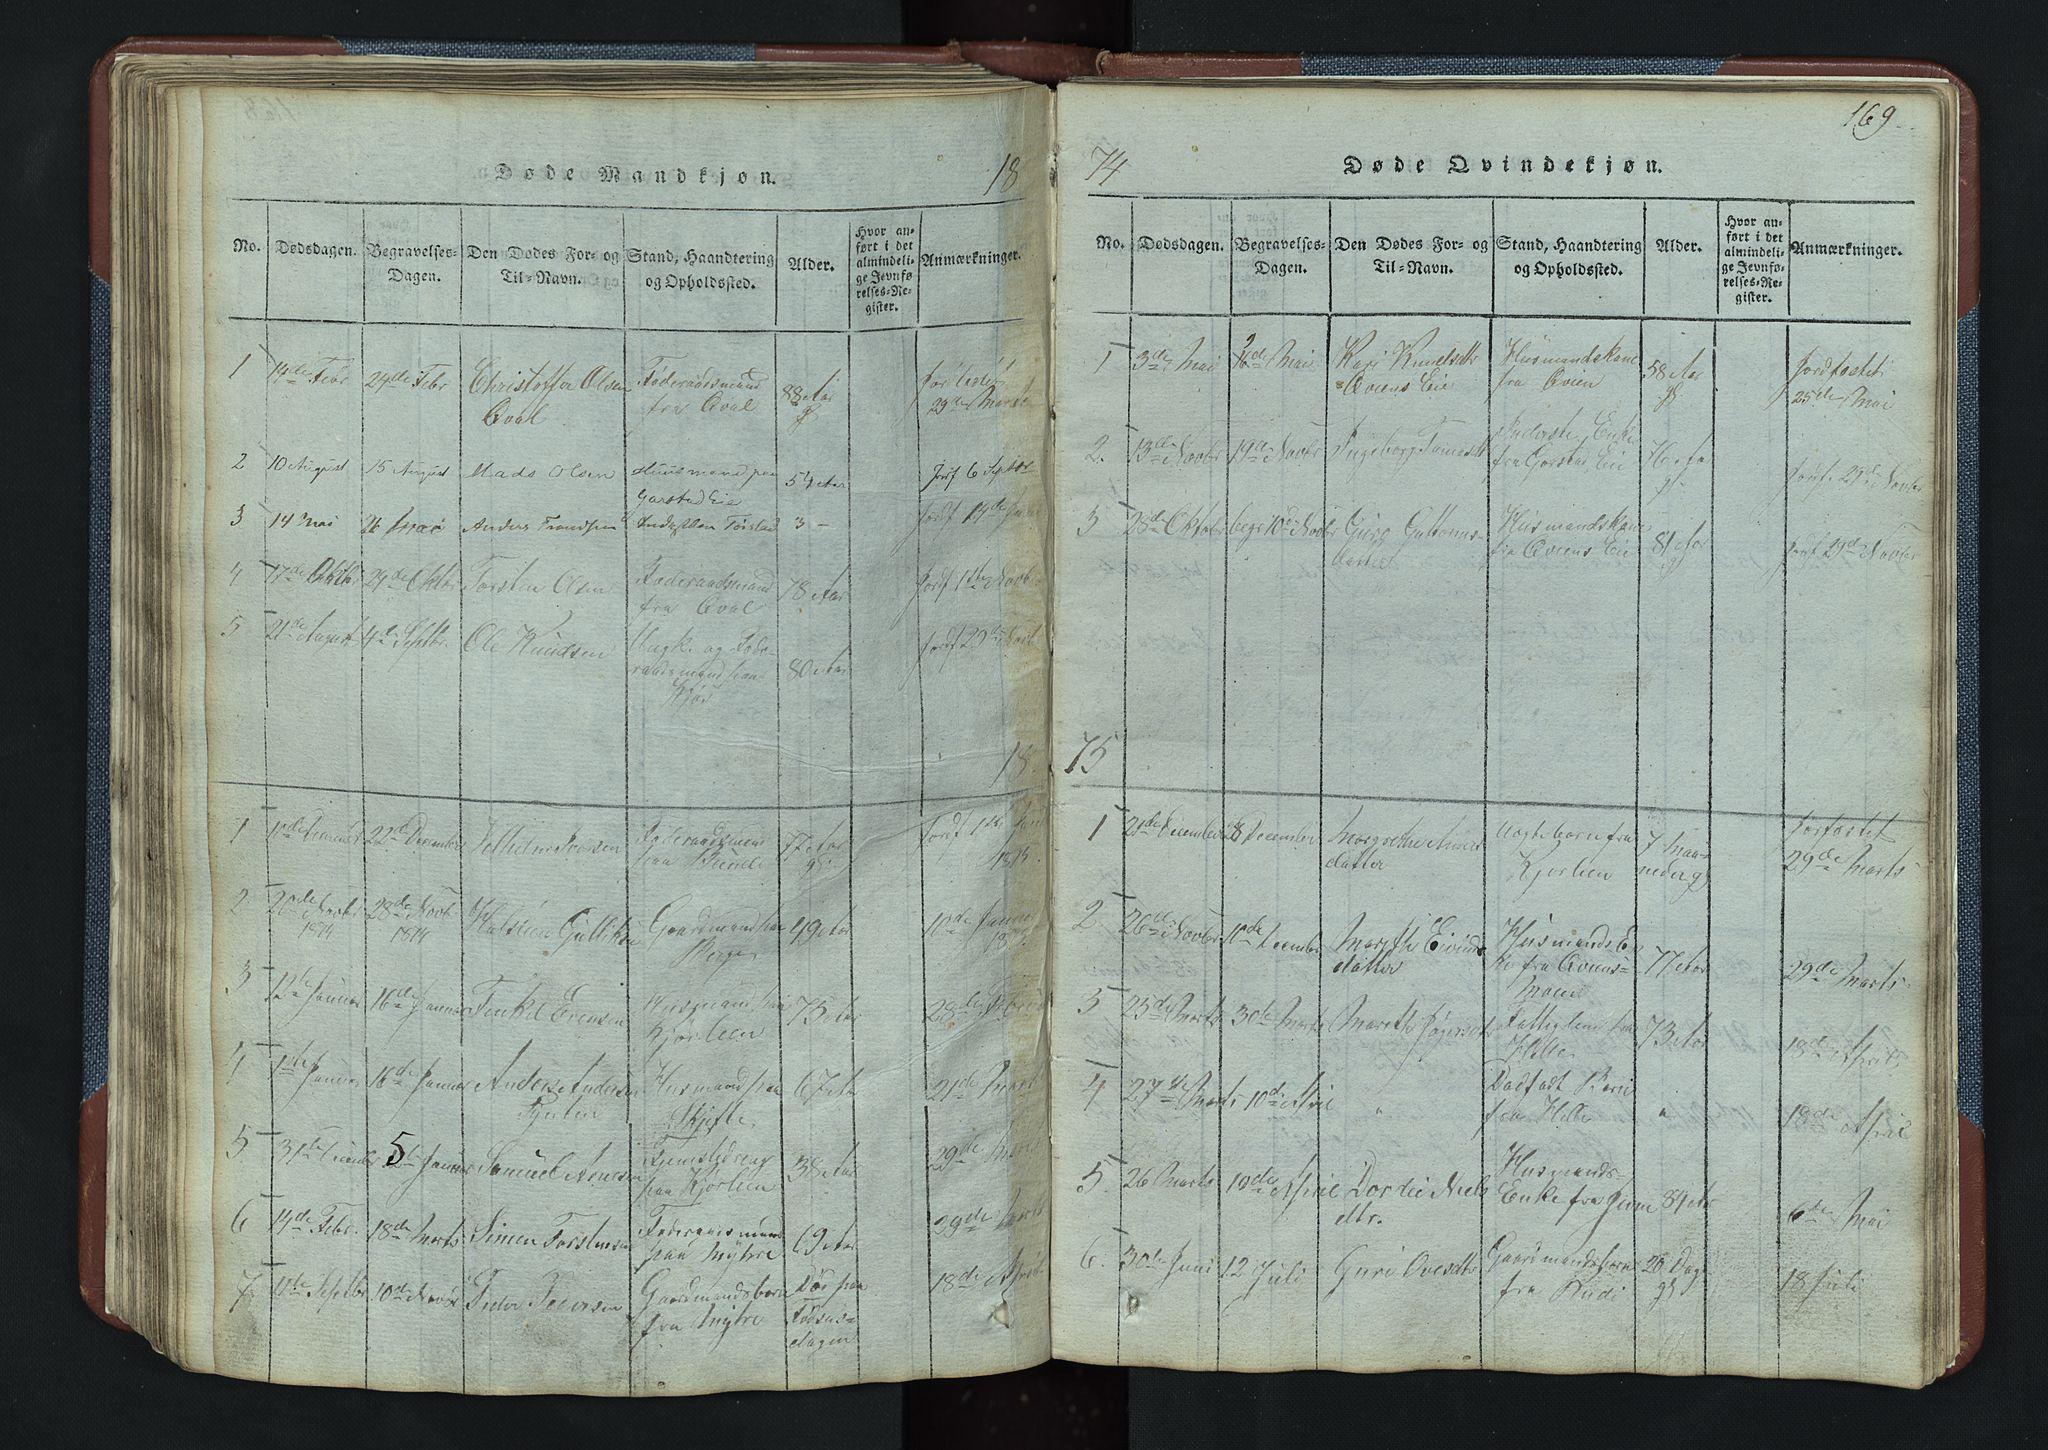 SAH, Vang prestekontor, Valdres, Klokkerbok nr. 3, 1814-1892, s. 169